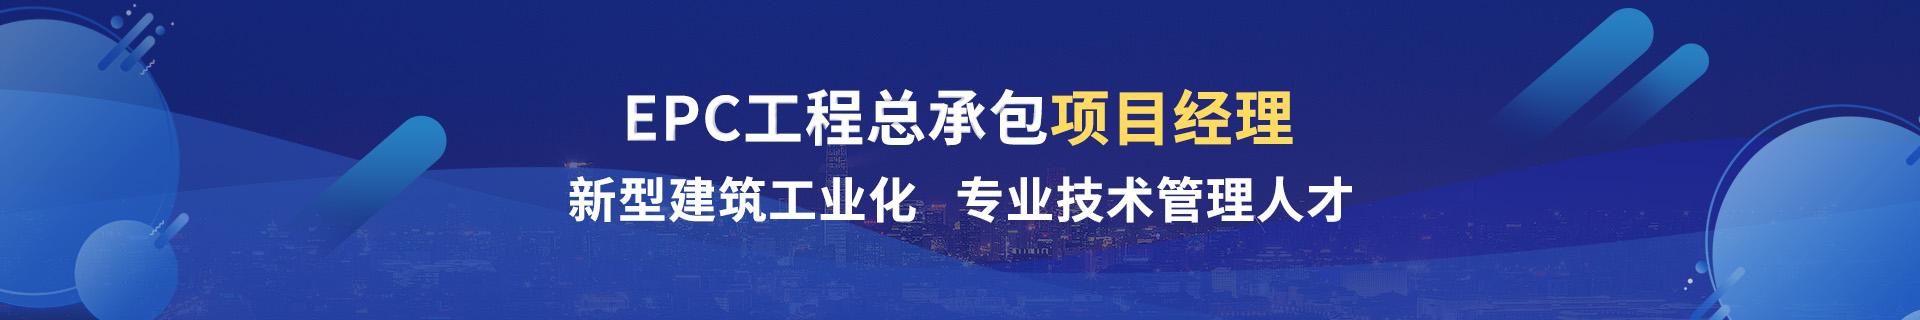 广西河池优路教育培训学校